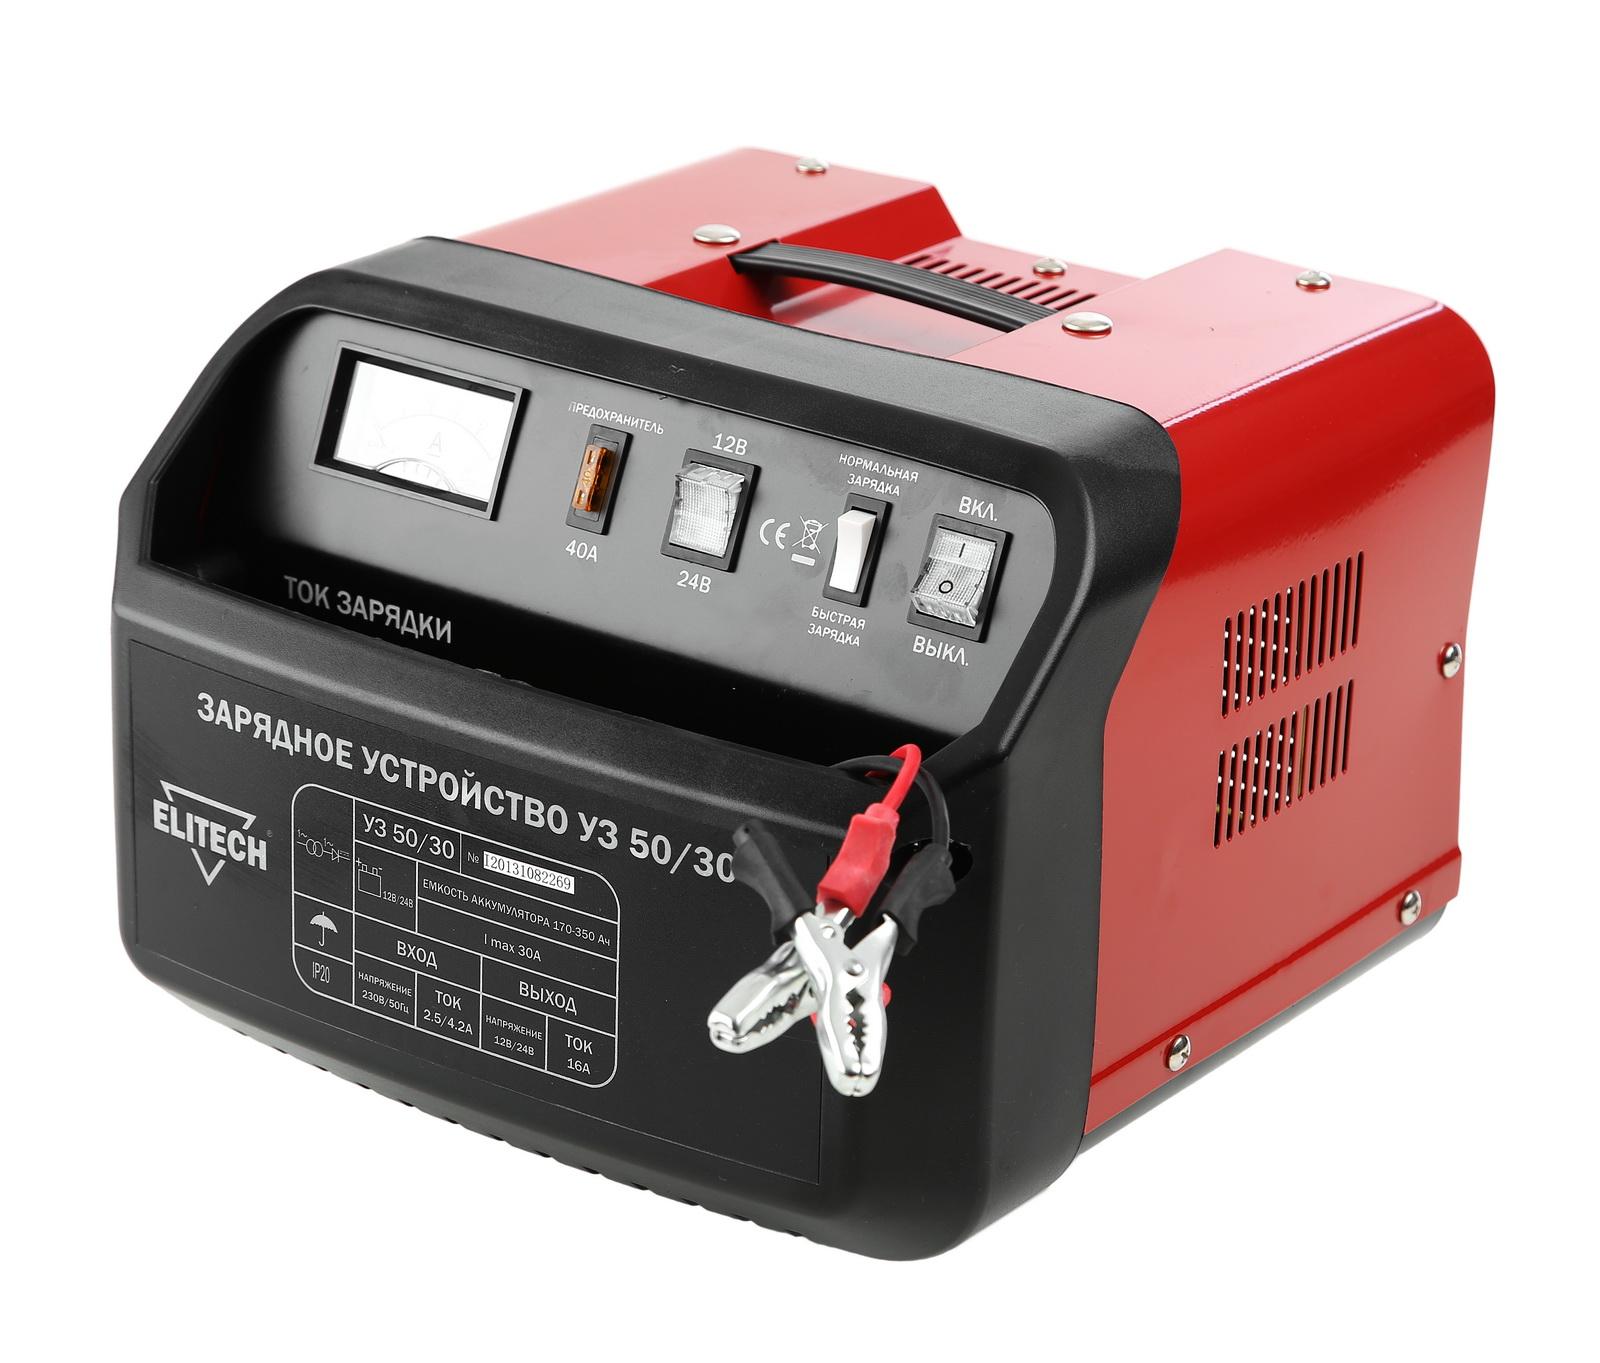 Купить Зарядное устройство Elitech УЗ 50/30